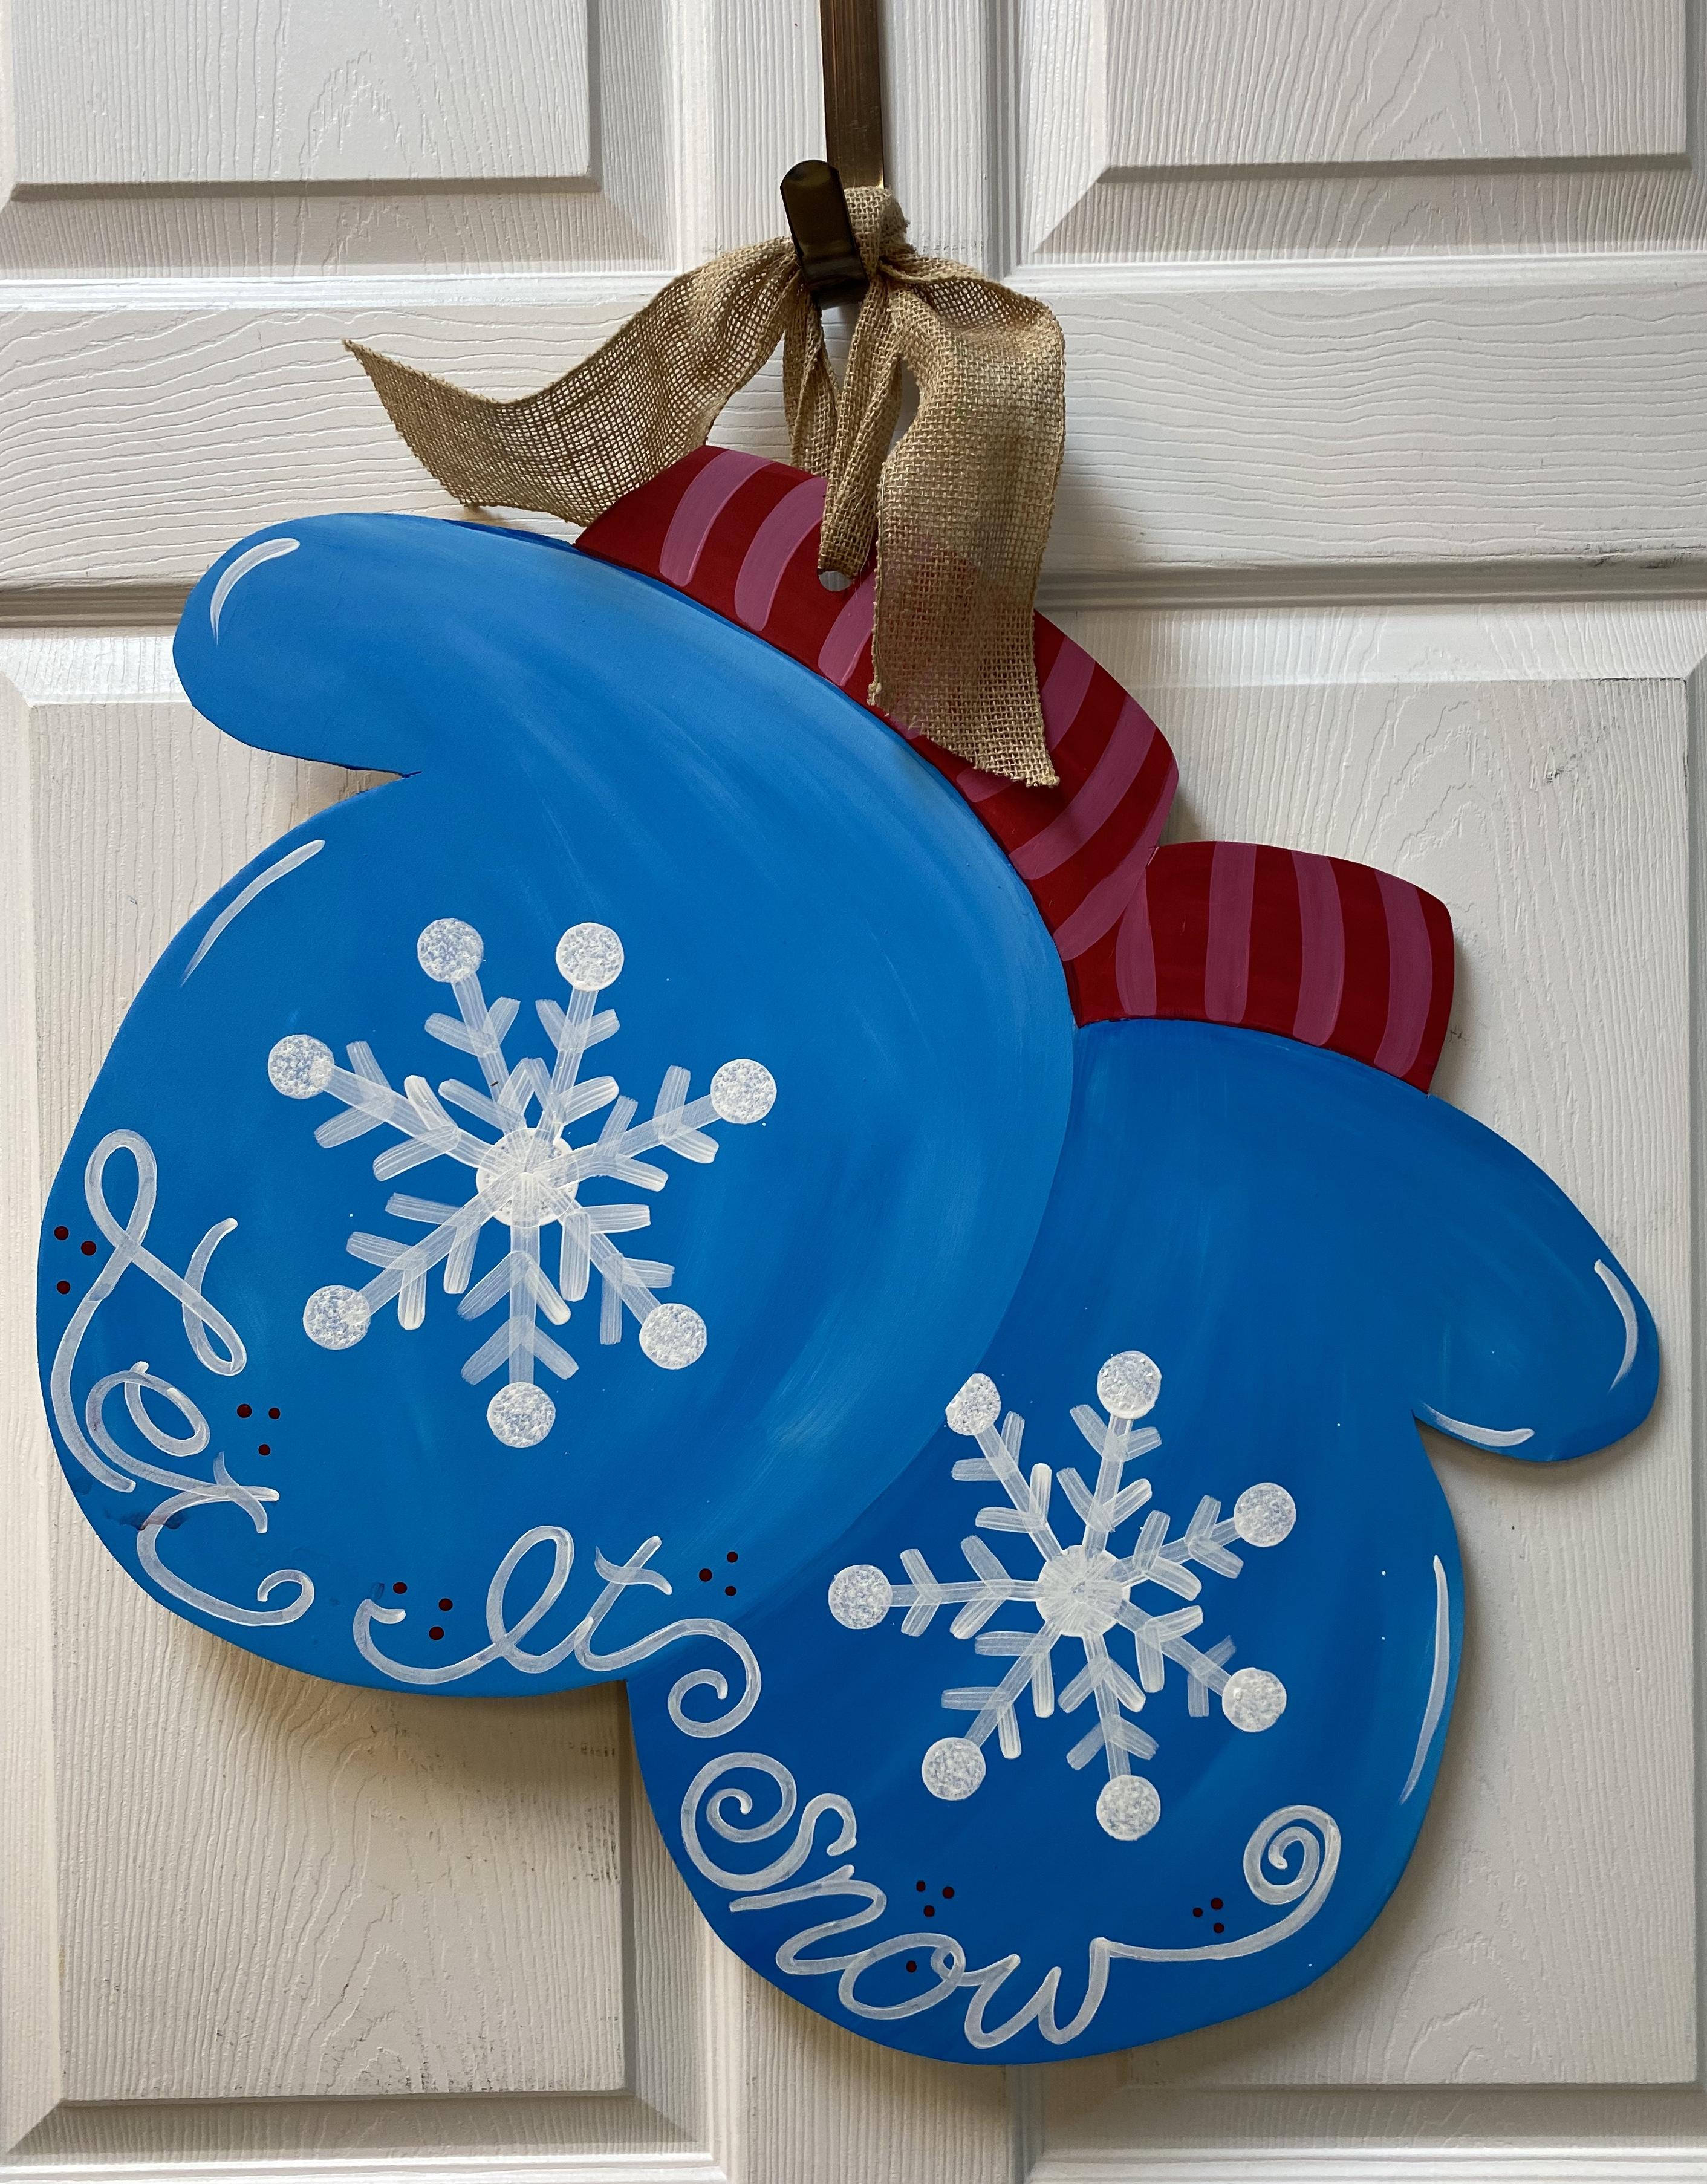 Winter Gloves Board